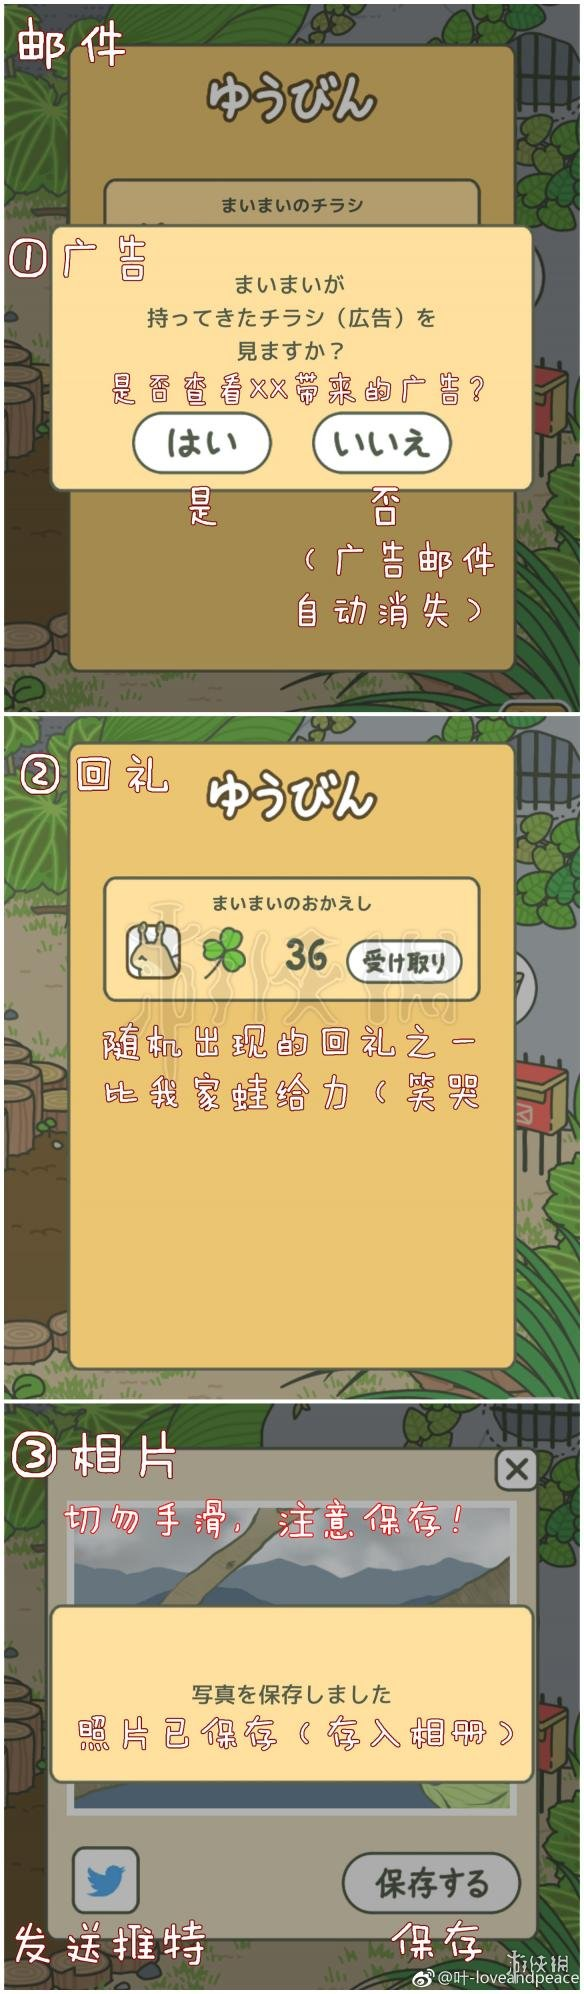 旅行青蛙中文攻略 旅行青蛙新手入门图文攻略教程